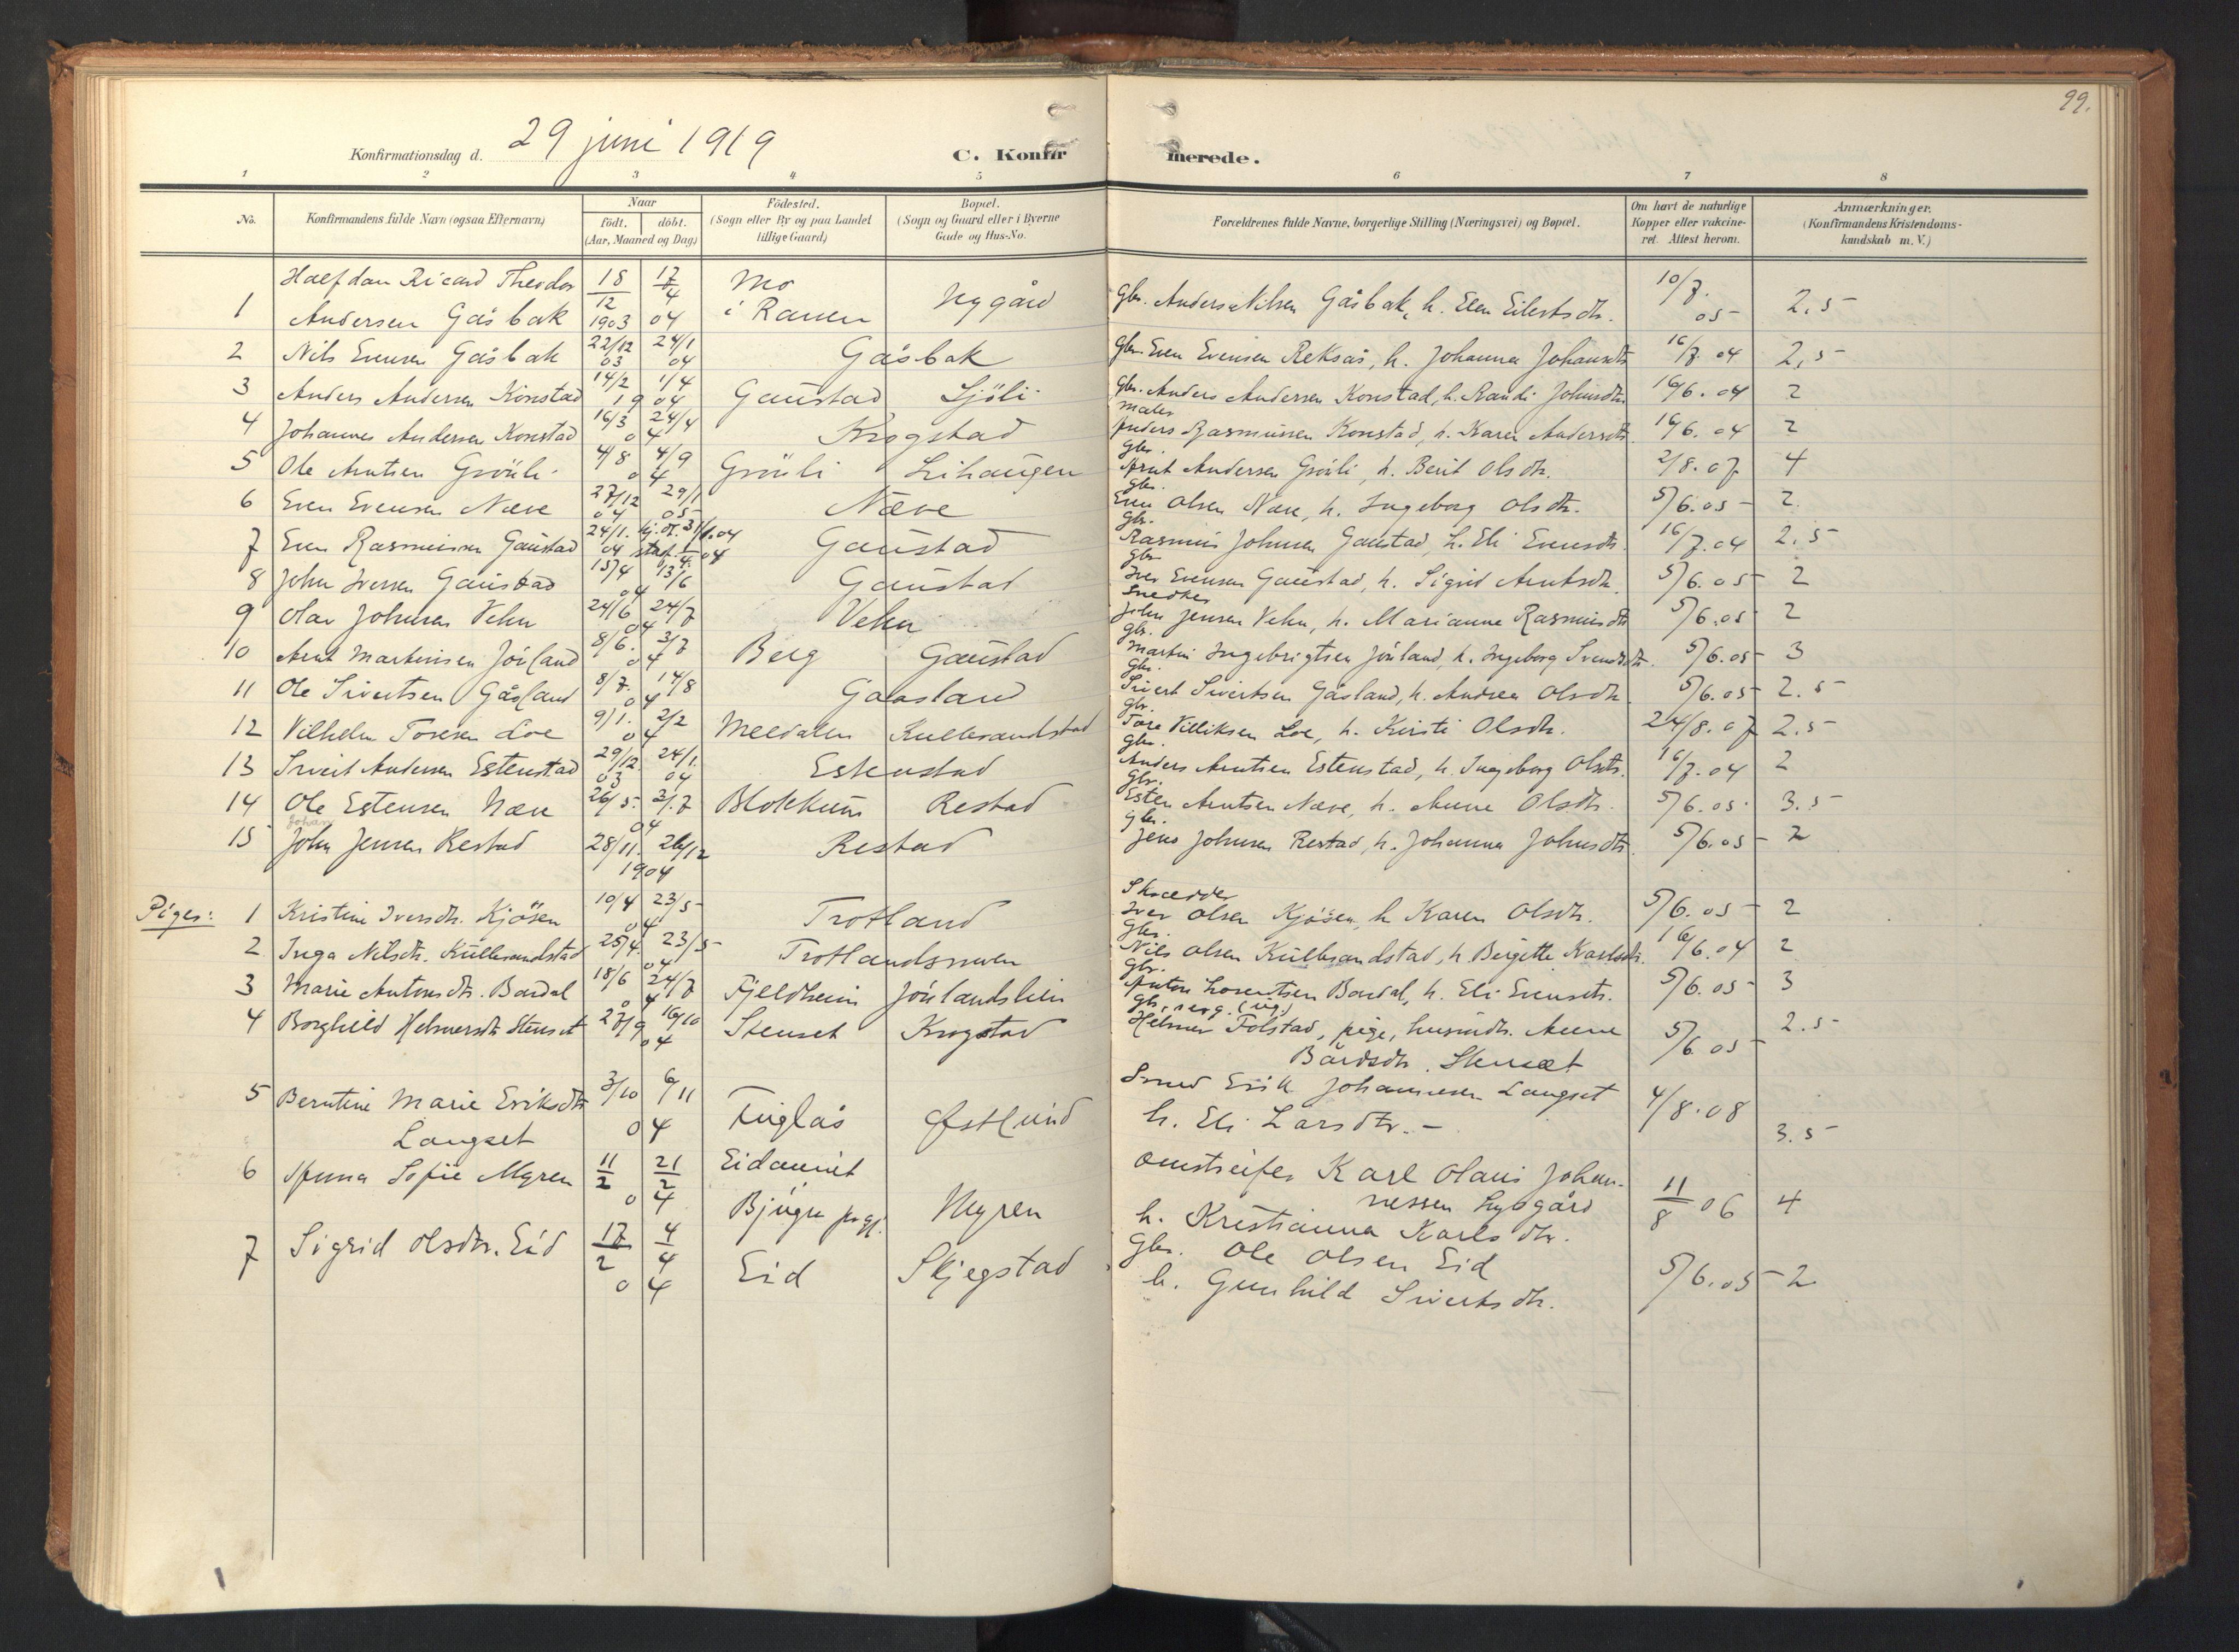 SAT, Ministerialprotokoller, klokkerbøker og fødselsregistre - Sør-Trøndelag, 694/L1128: Ministerialbok nr. 694A02, 1906-1931, s. 99